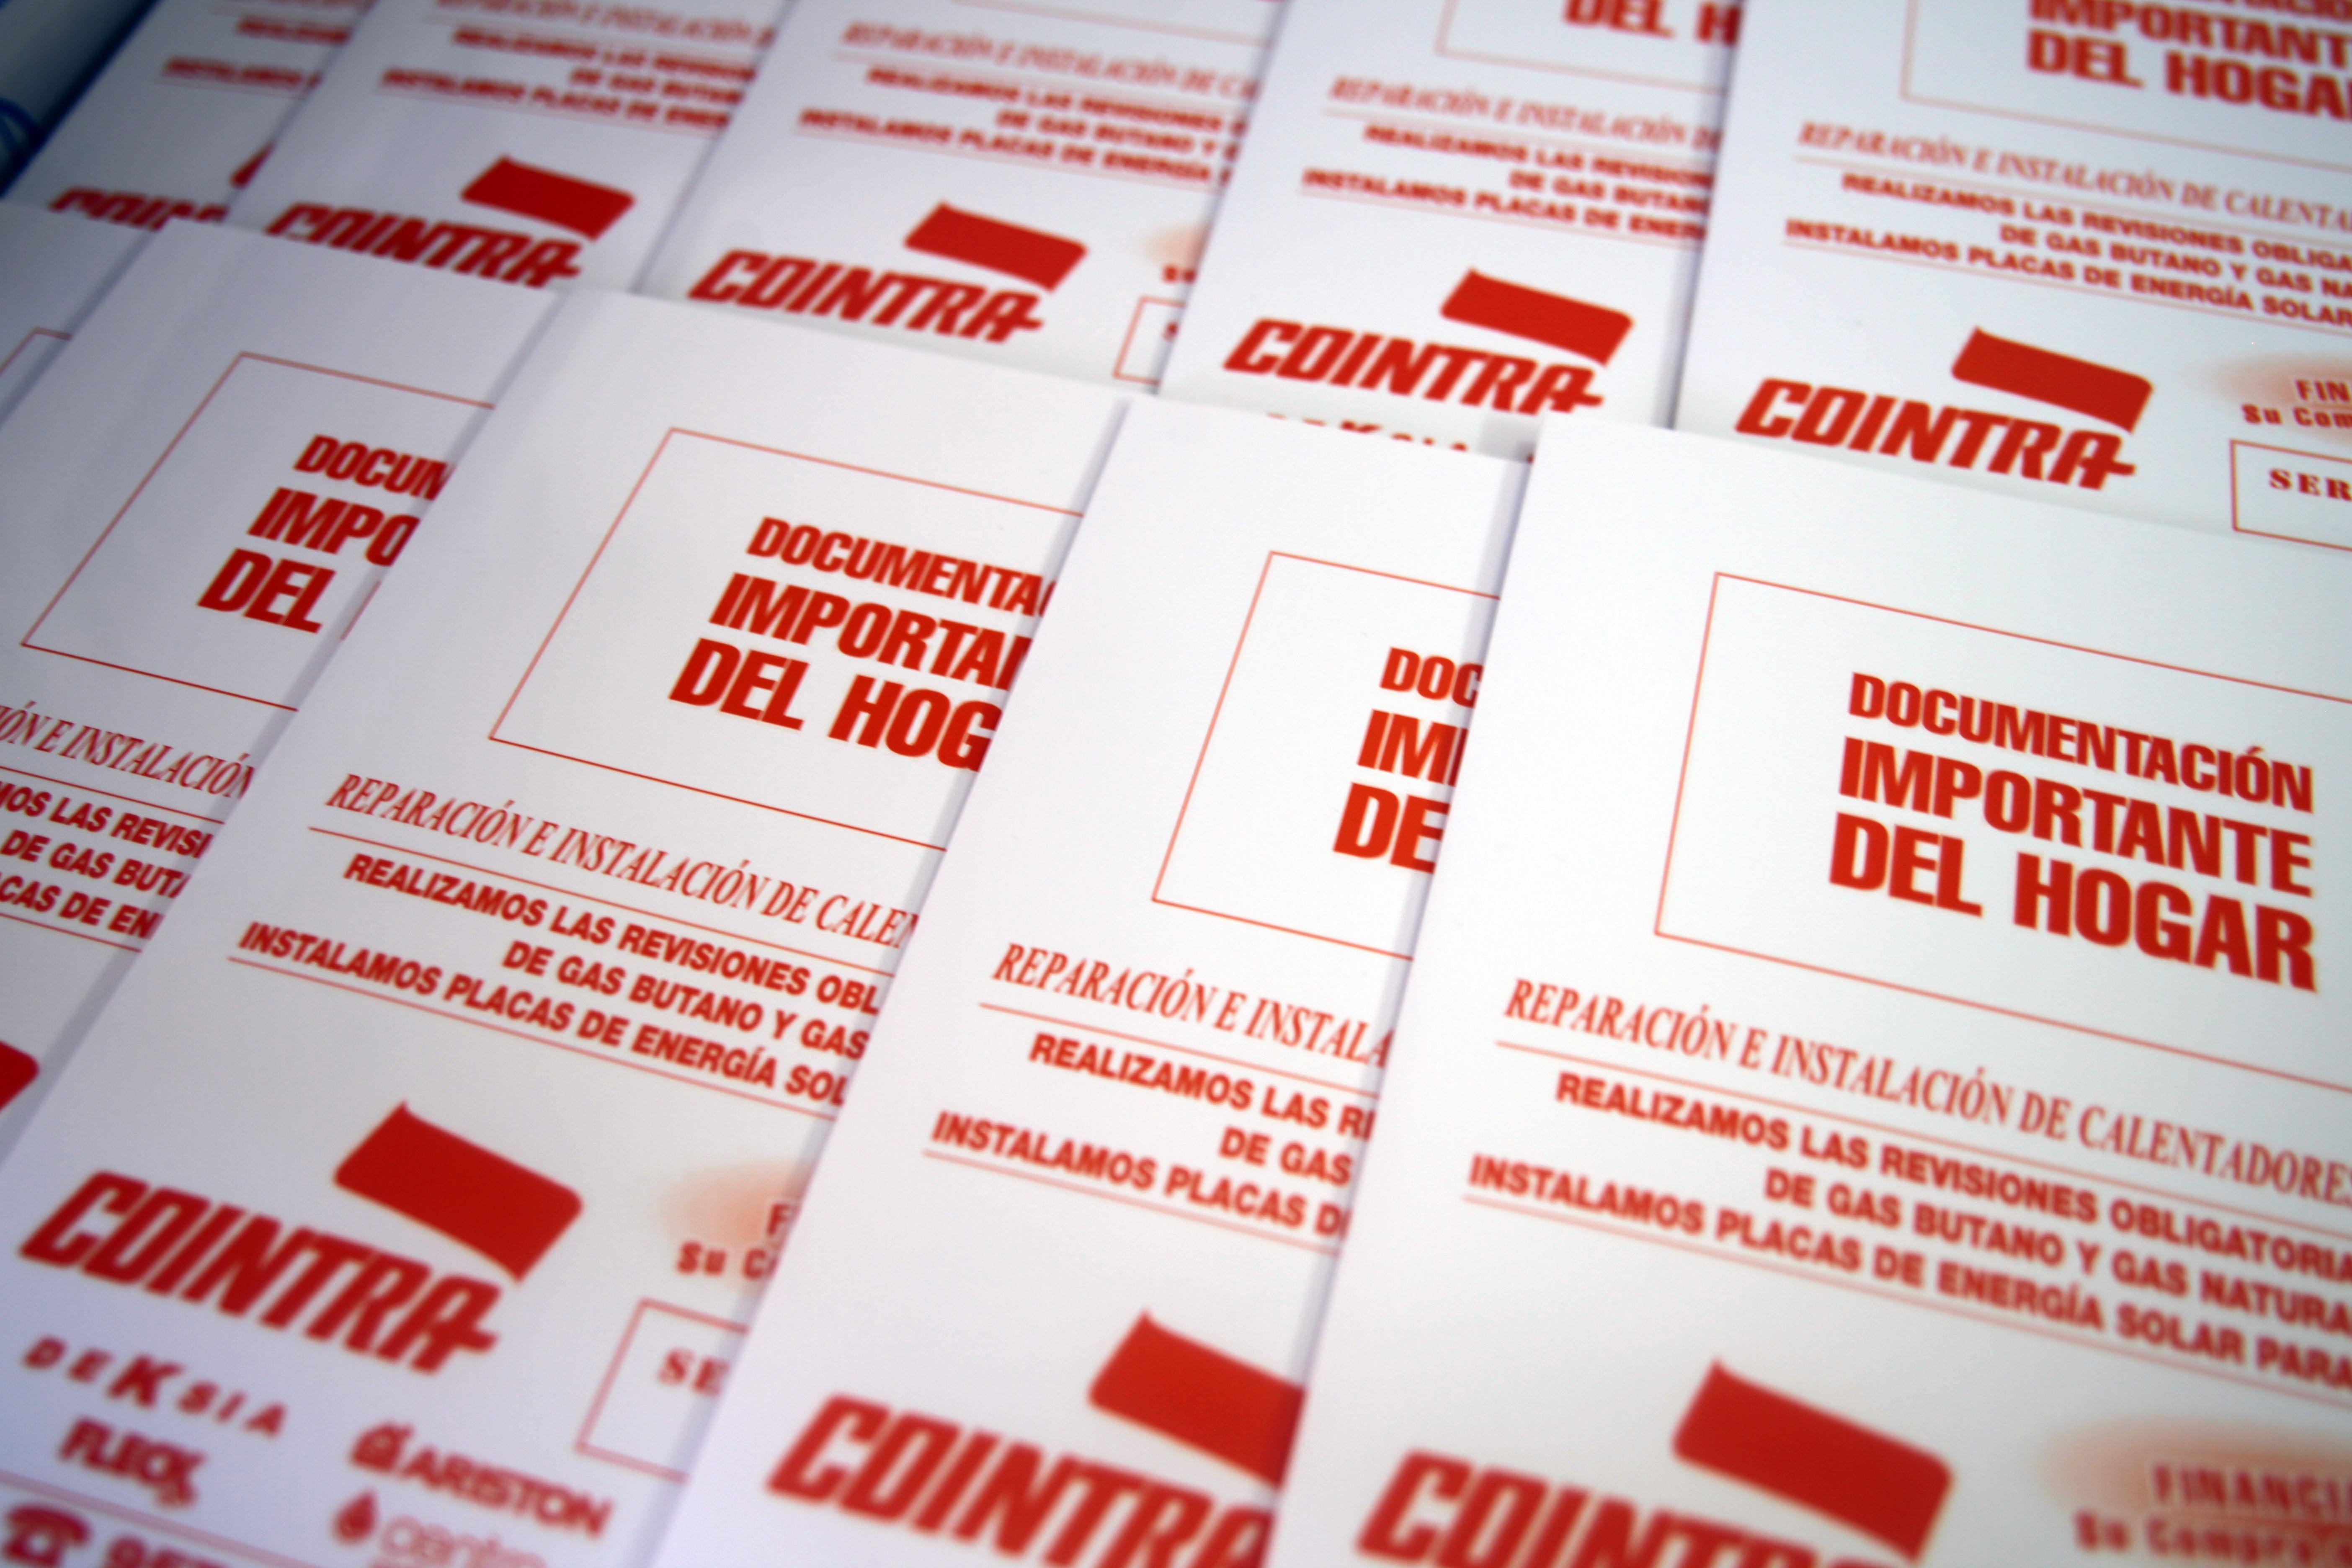 Revisión oficial de calderas Cointra en Córdoba